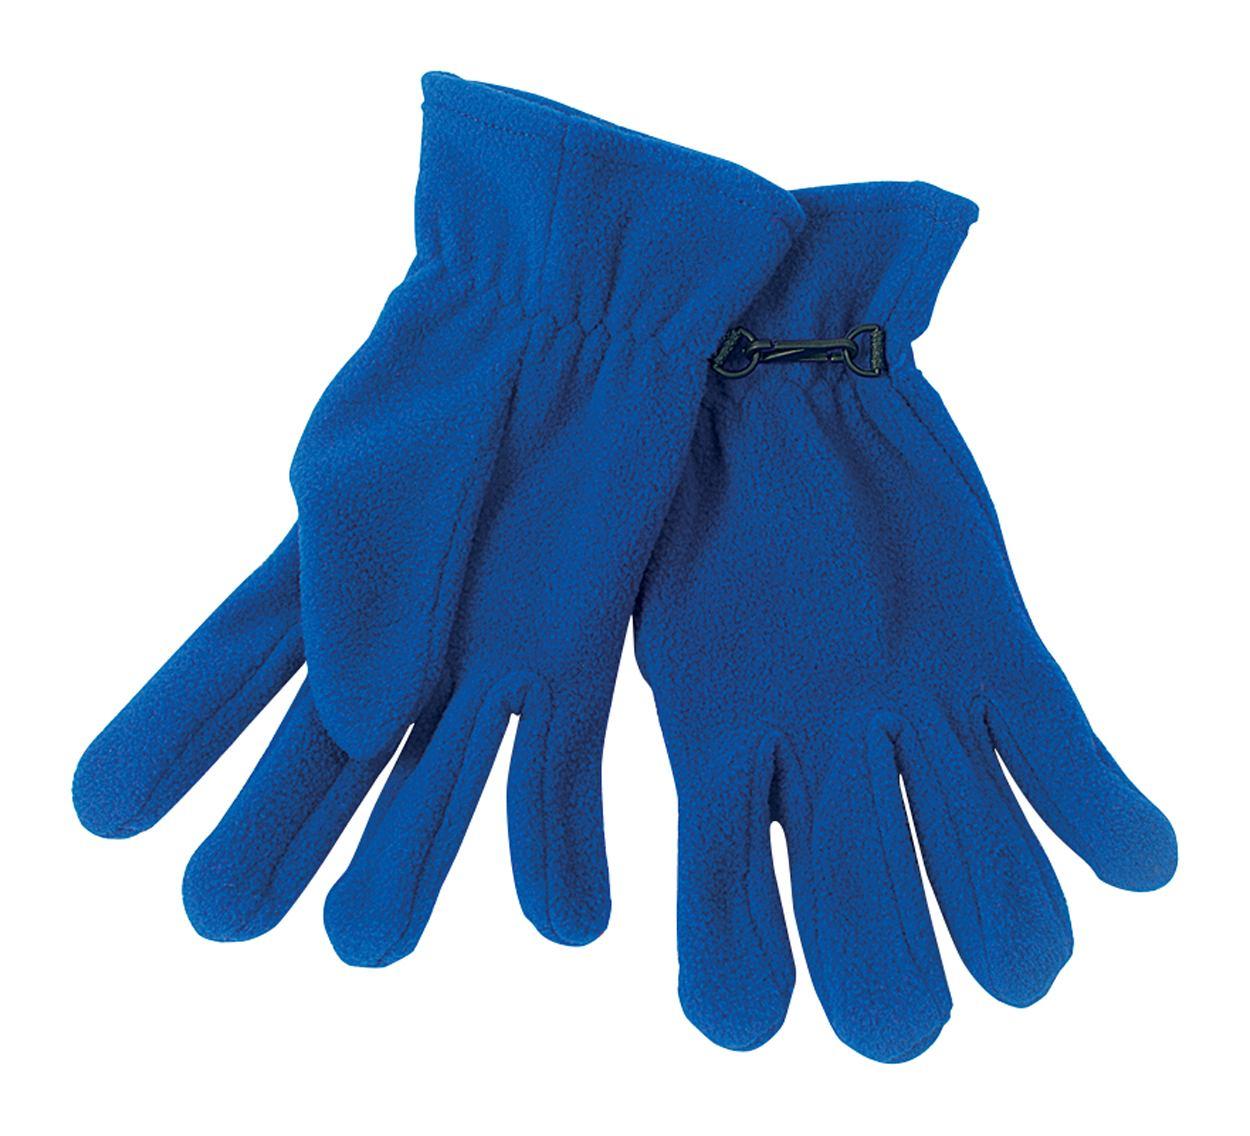 Monti zimní rukavice - 200 g